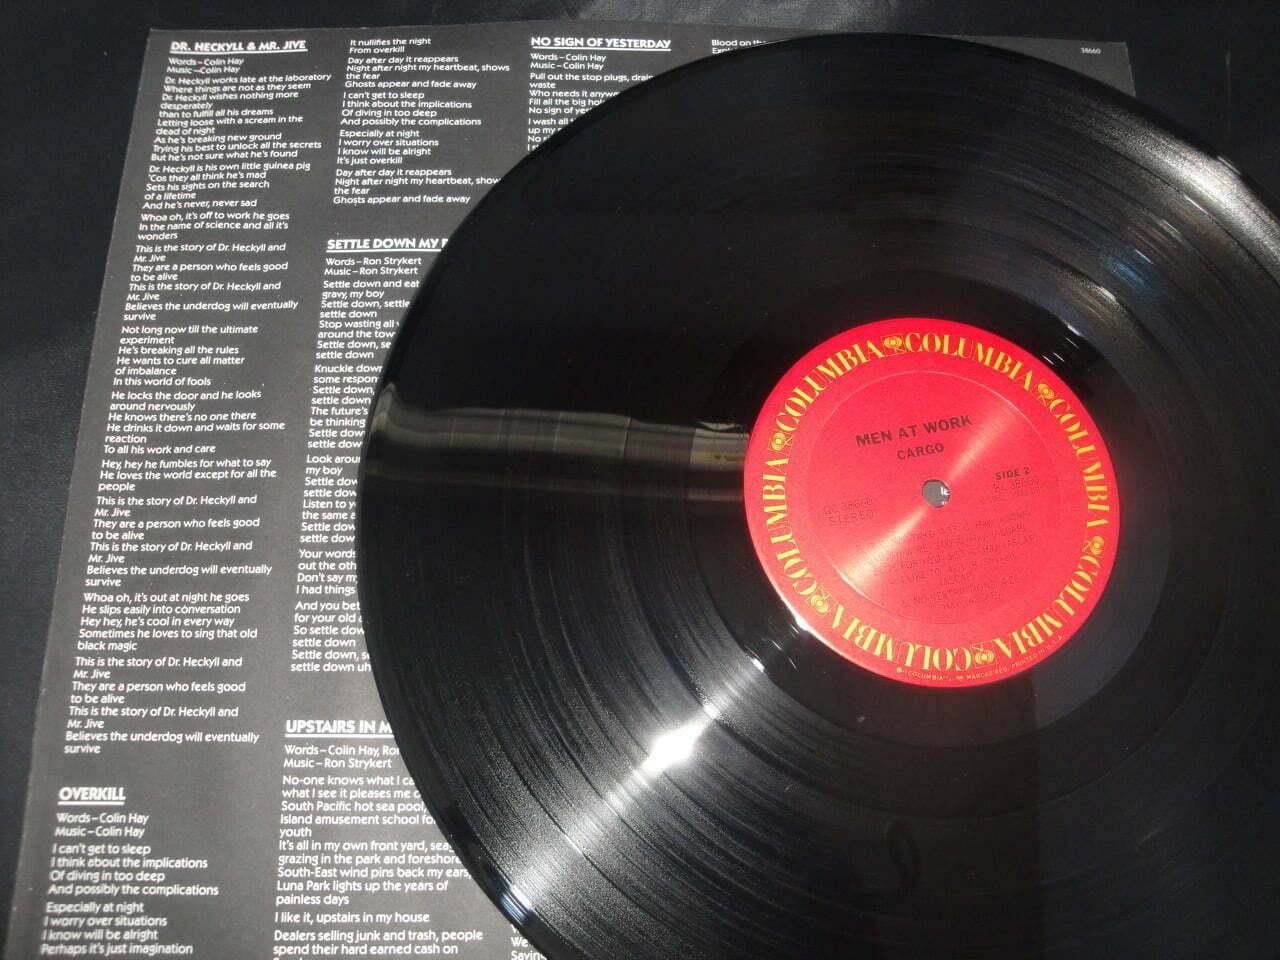 Men At Work - Cargo - 1983 Vinyl LP in Excellent Condition